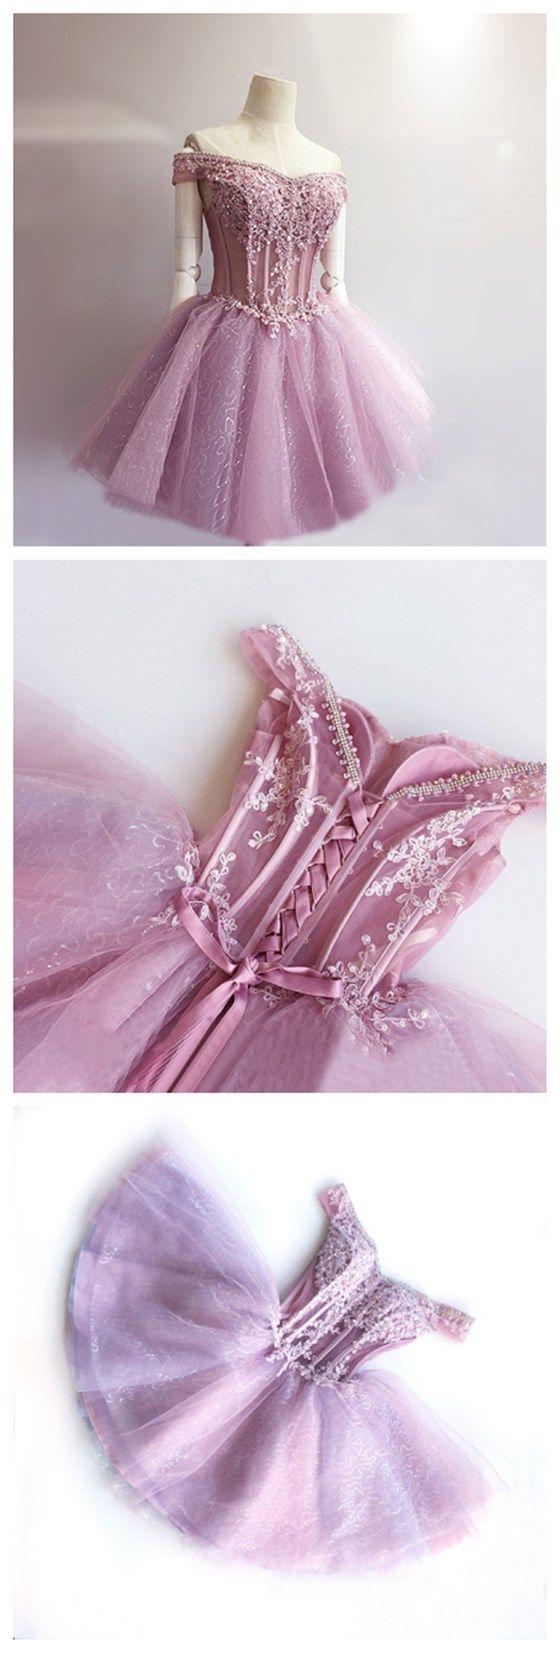 Pin von Rachel Meyer auf Prom dresses | Pinterest | Kleider